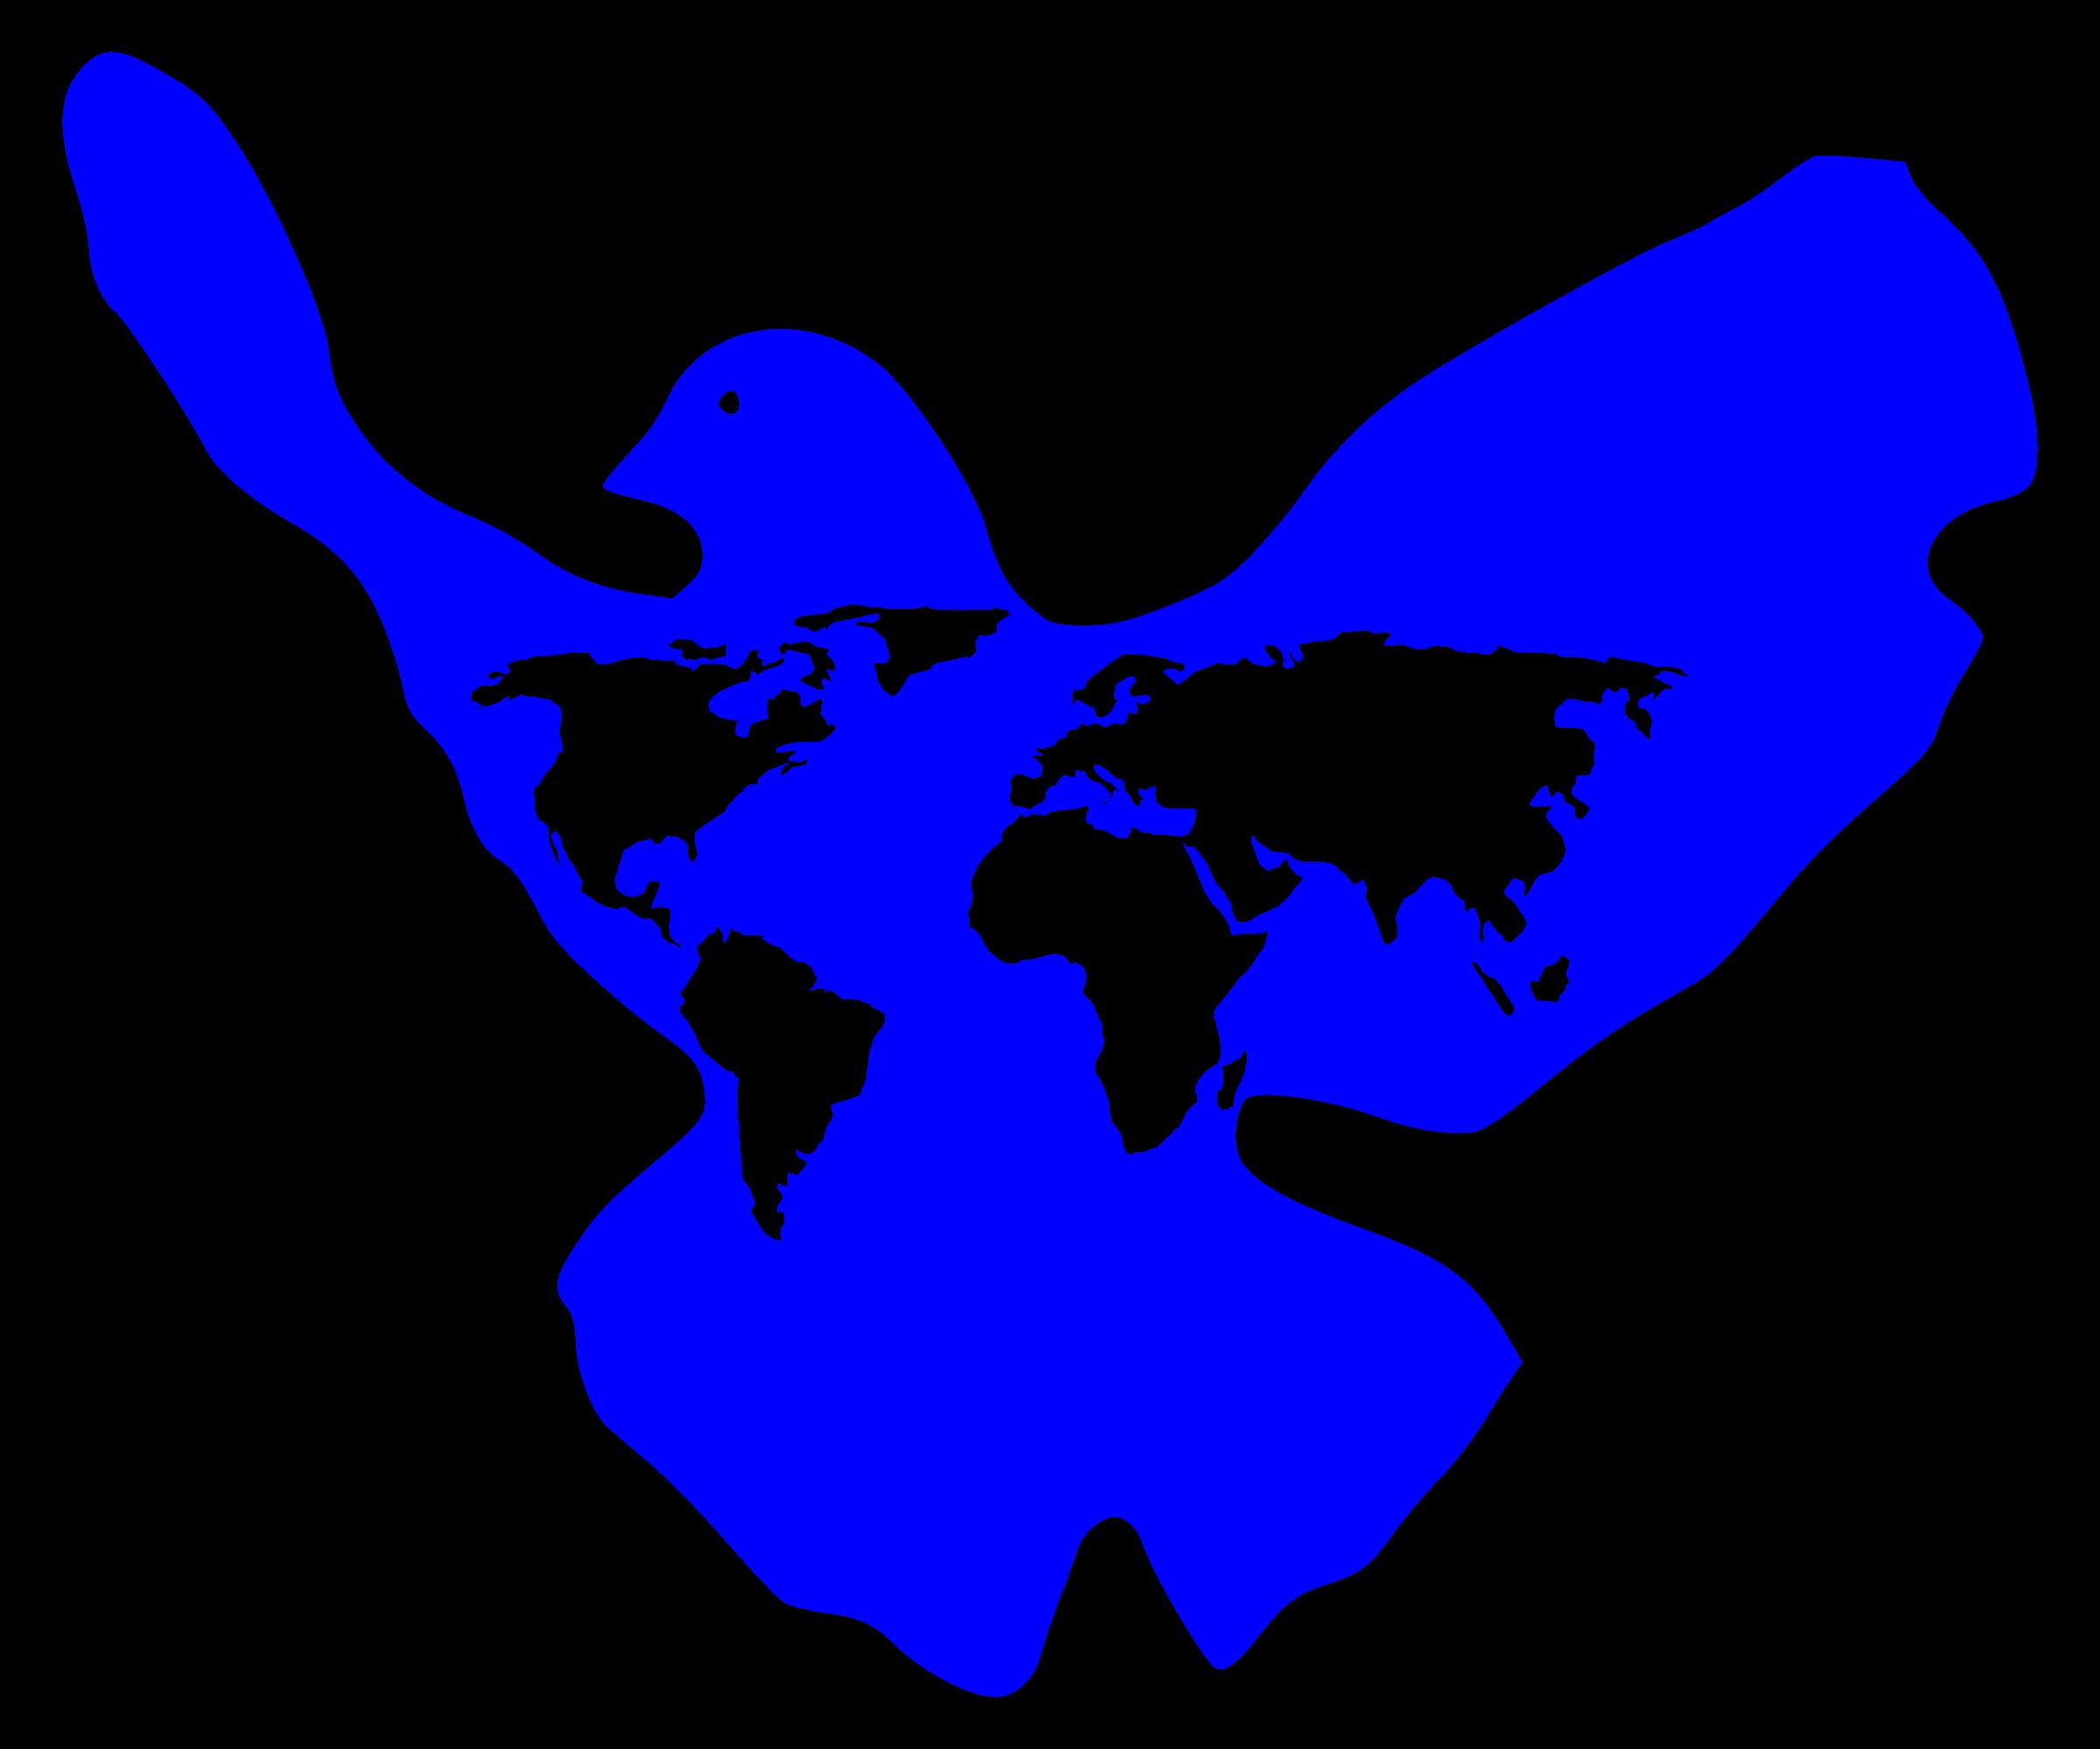 Clipart - World Peace Dove